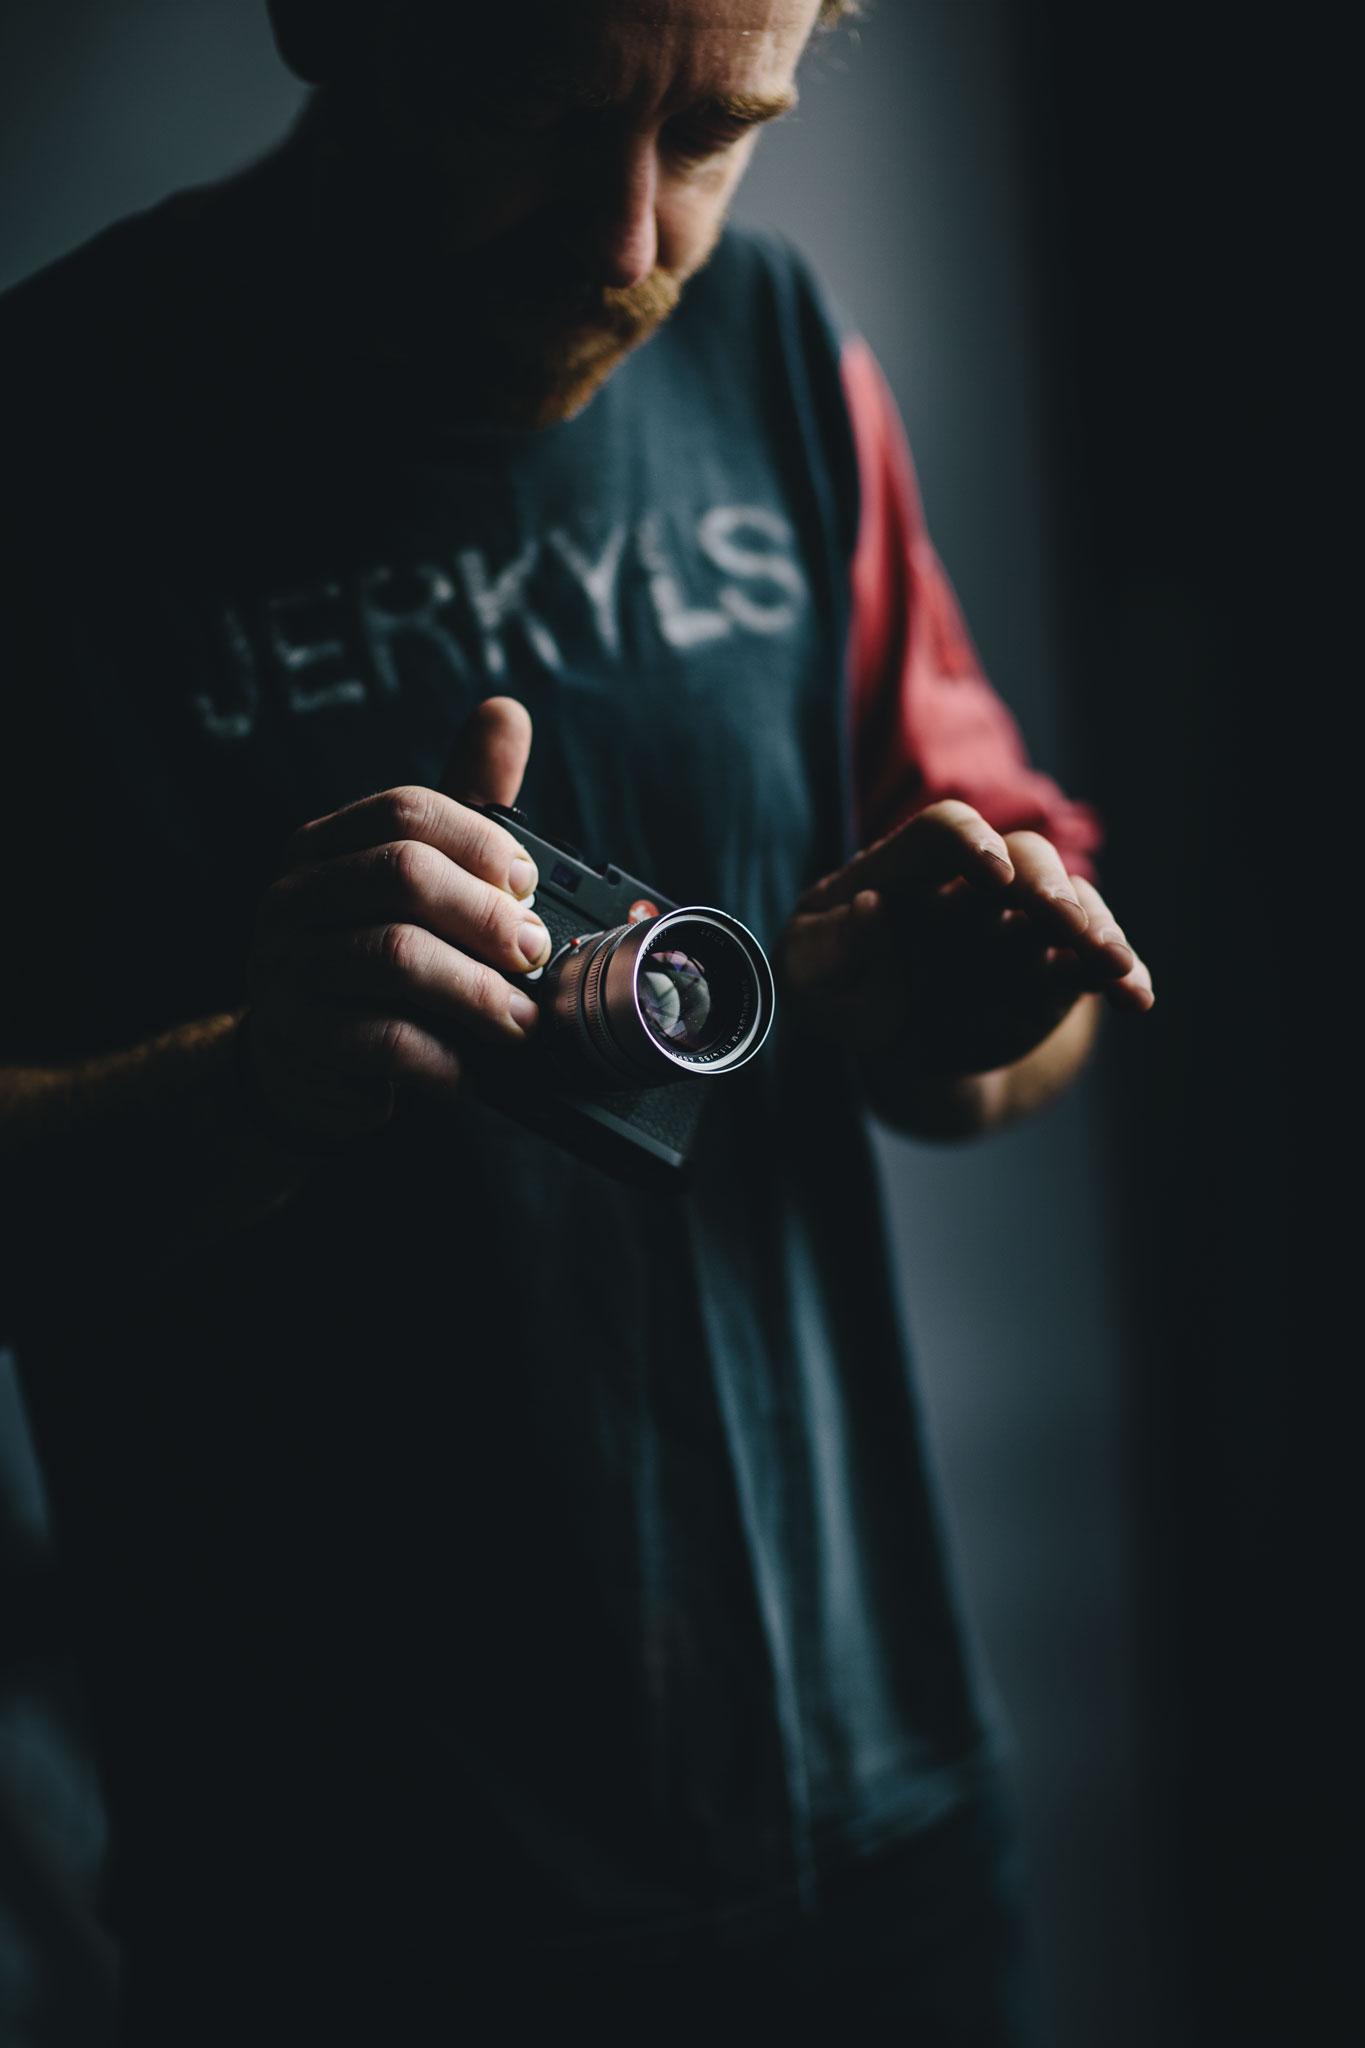 andrew_baker_jerkyls-23